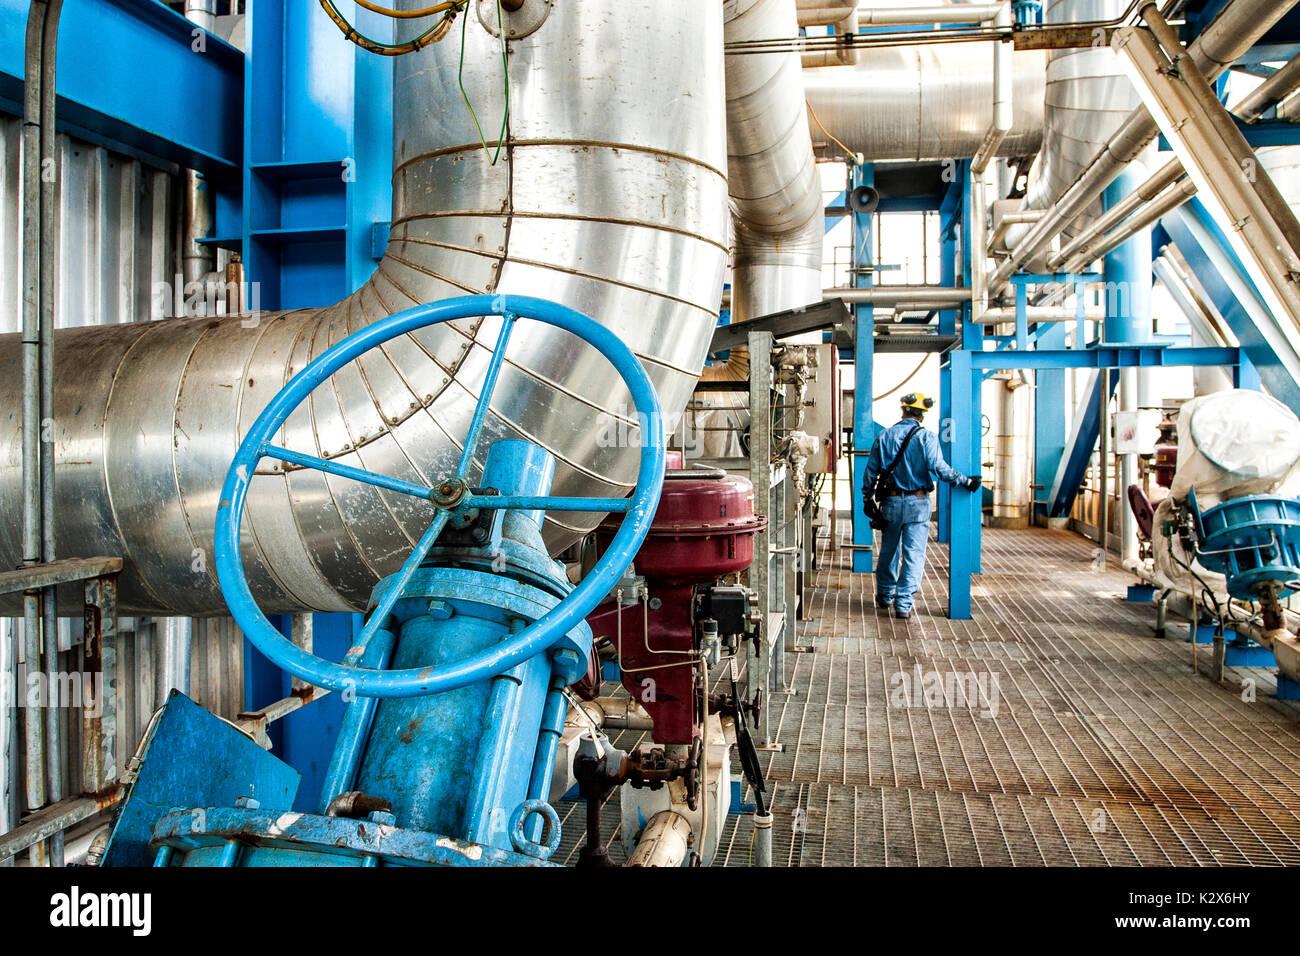 Bahia las Minas Thermal Power Plant. Colon, Panama. Stock Photo